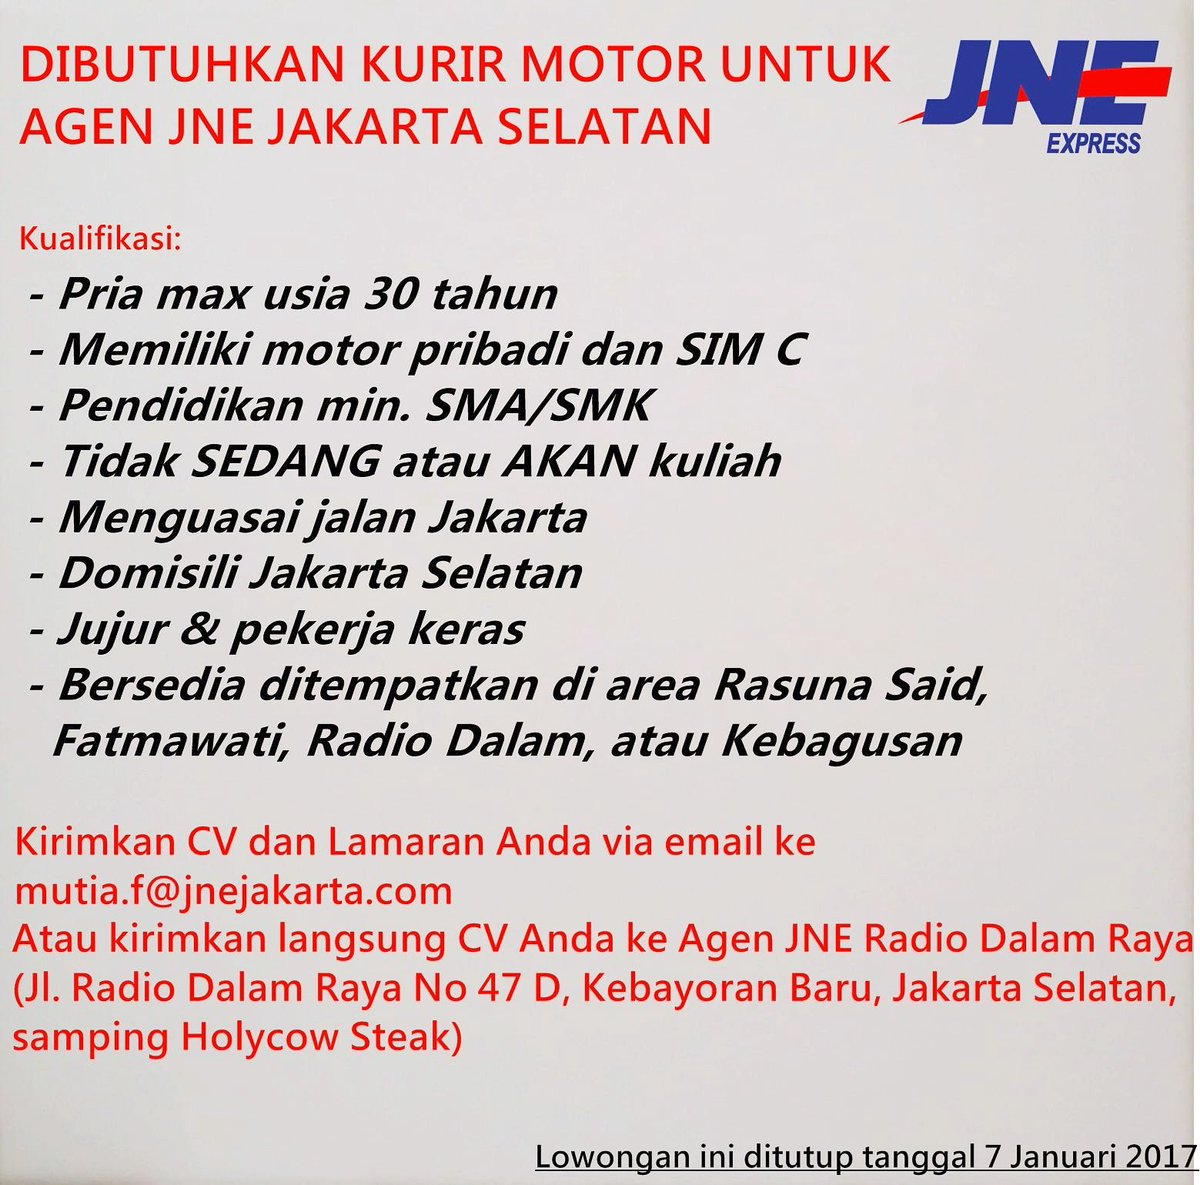 Jne Express Jakarta On Twitter Lowongan Kerja Kurir Motor Agen